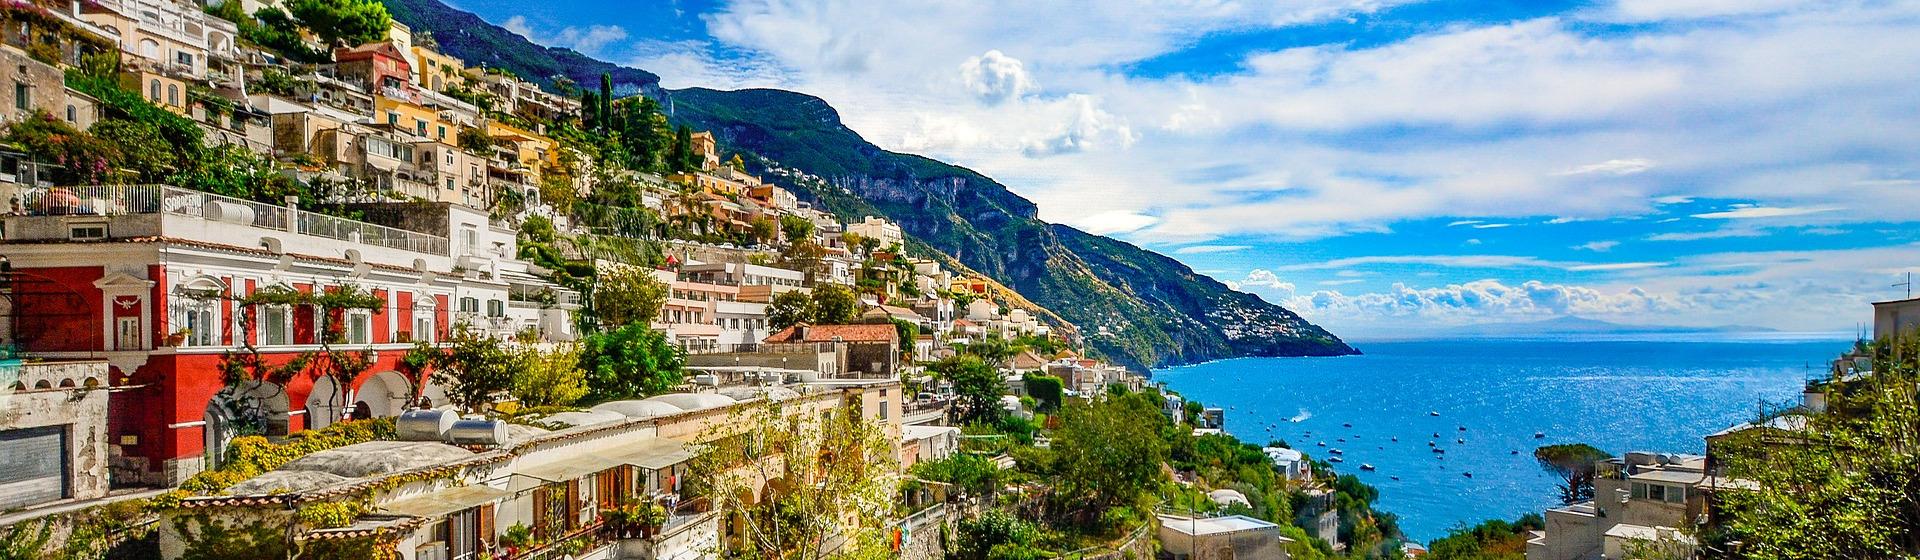 Travel Tuesday: Italy